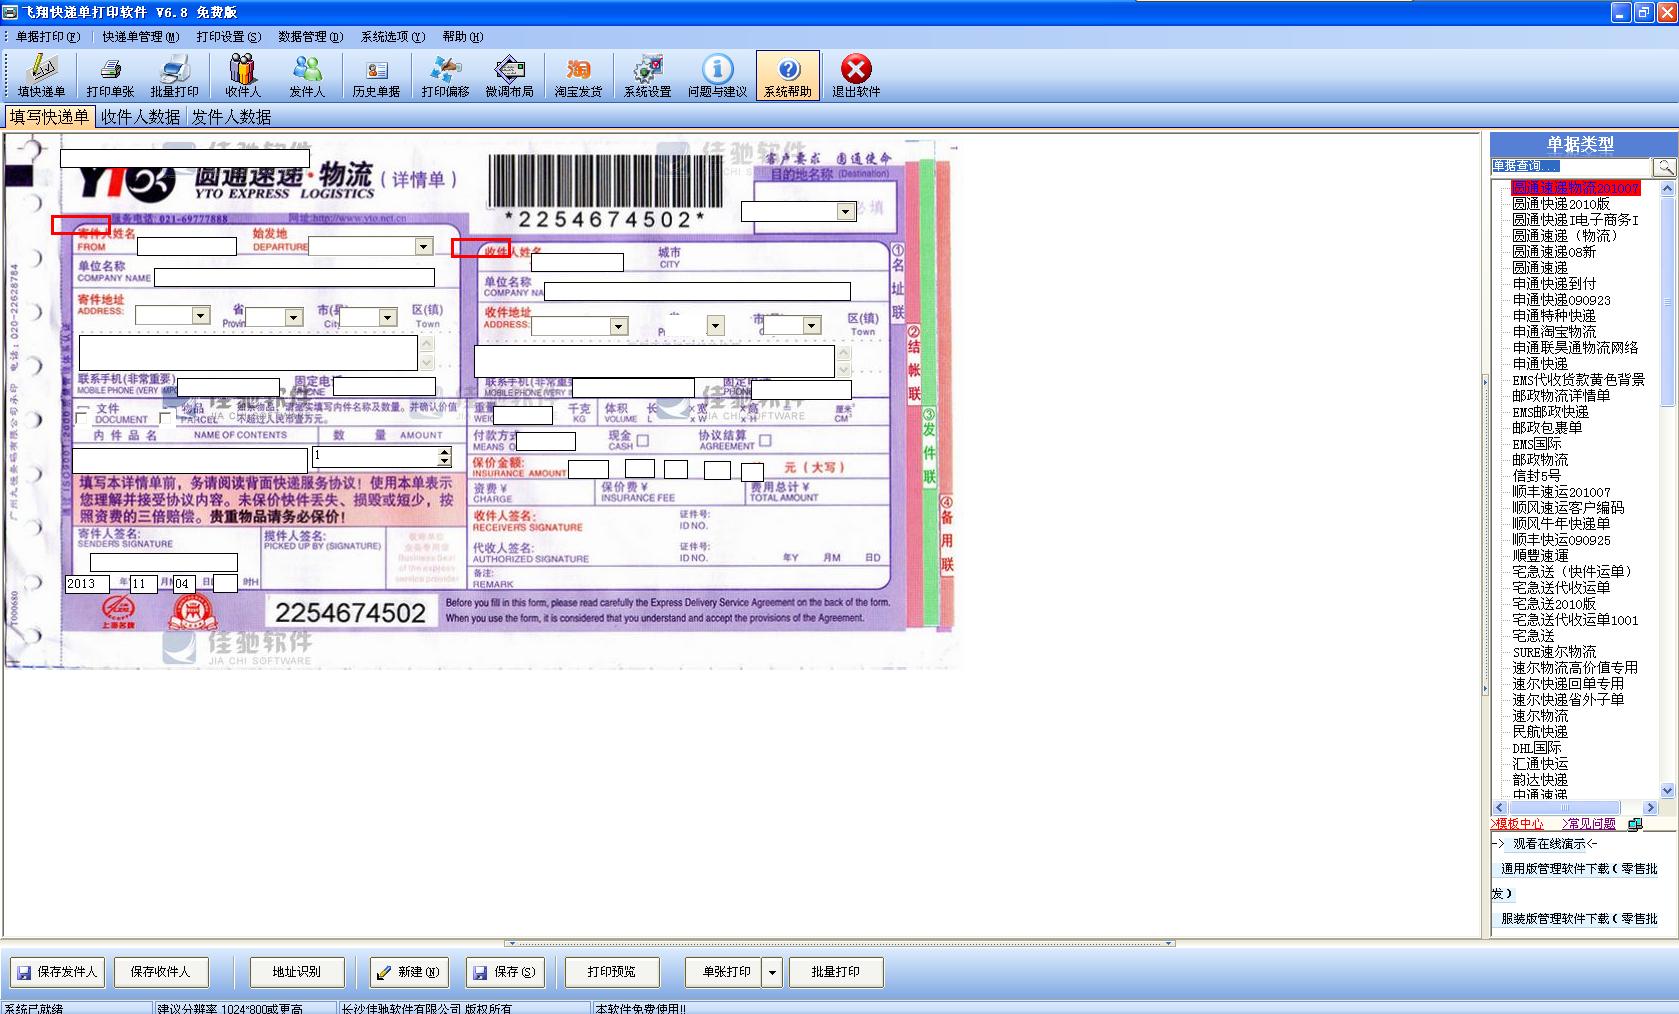 飞翔快递单打印软件免费版 v6.8.0 - 截图1